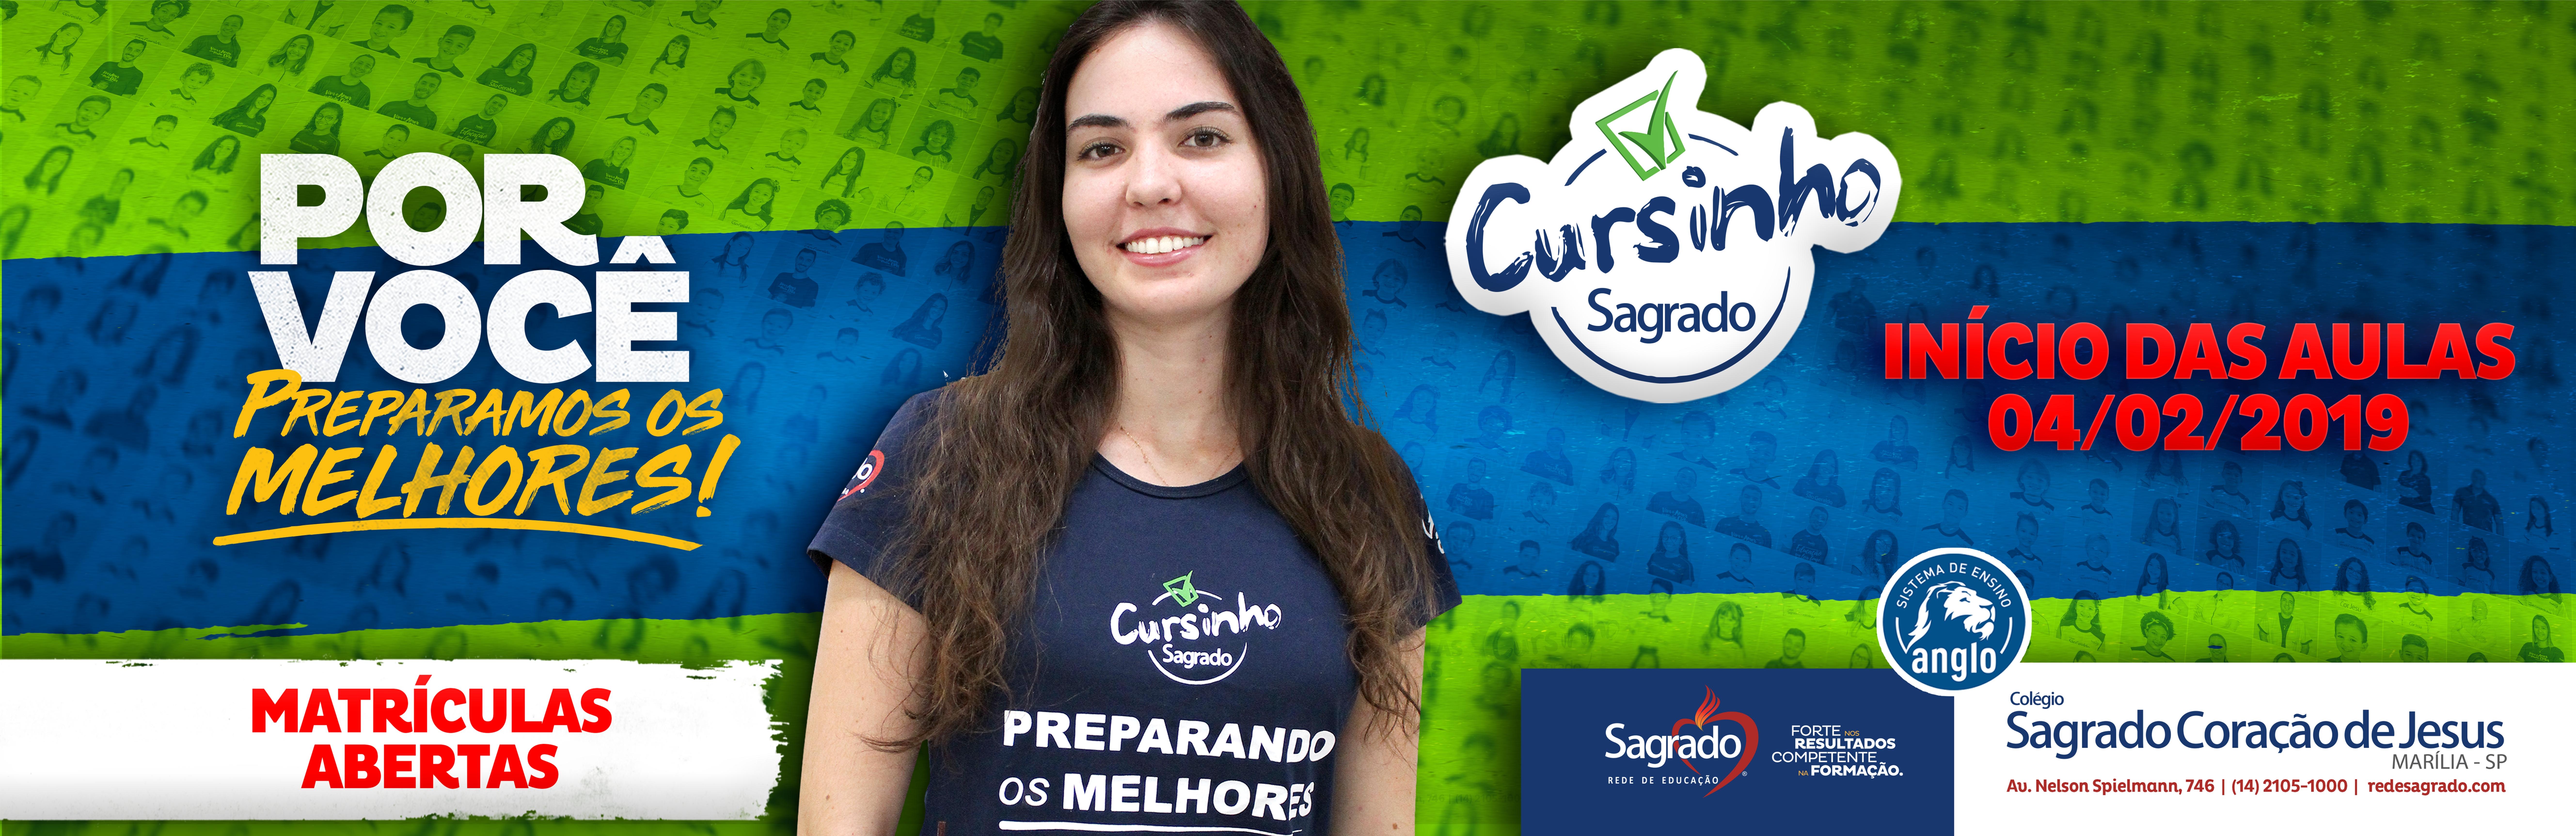 Cursinho - 2019